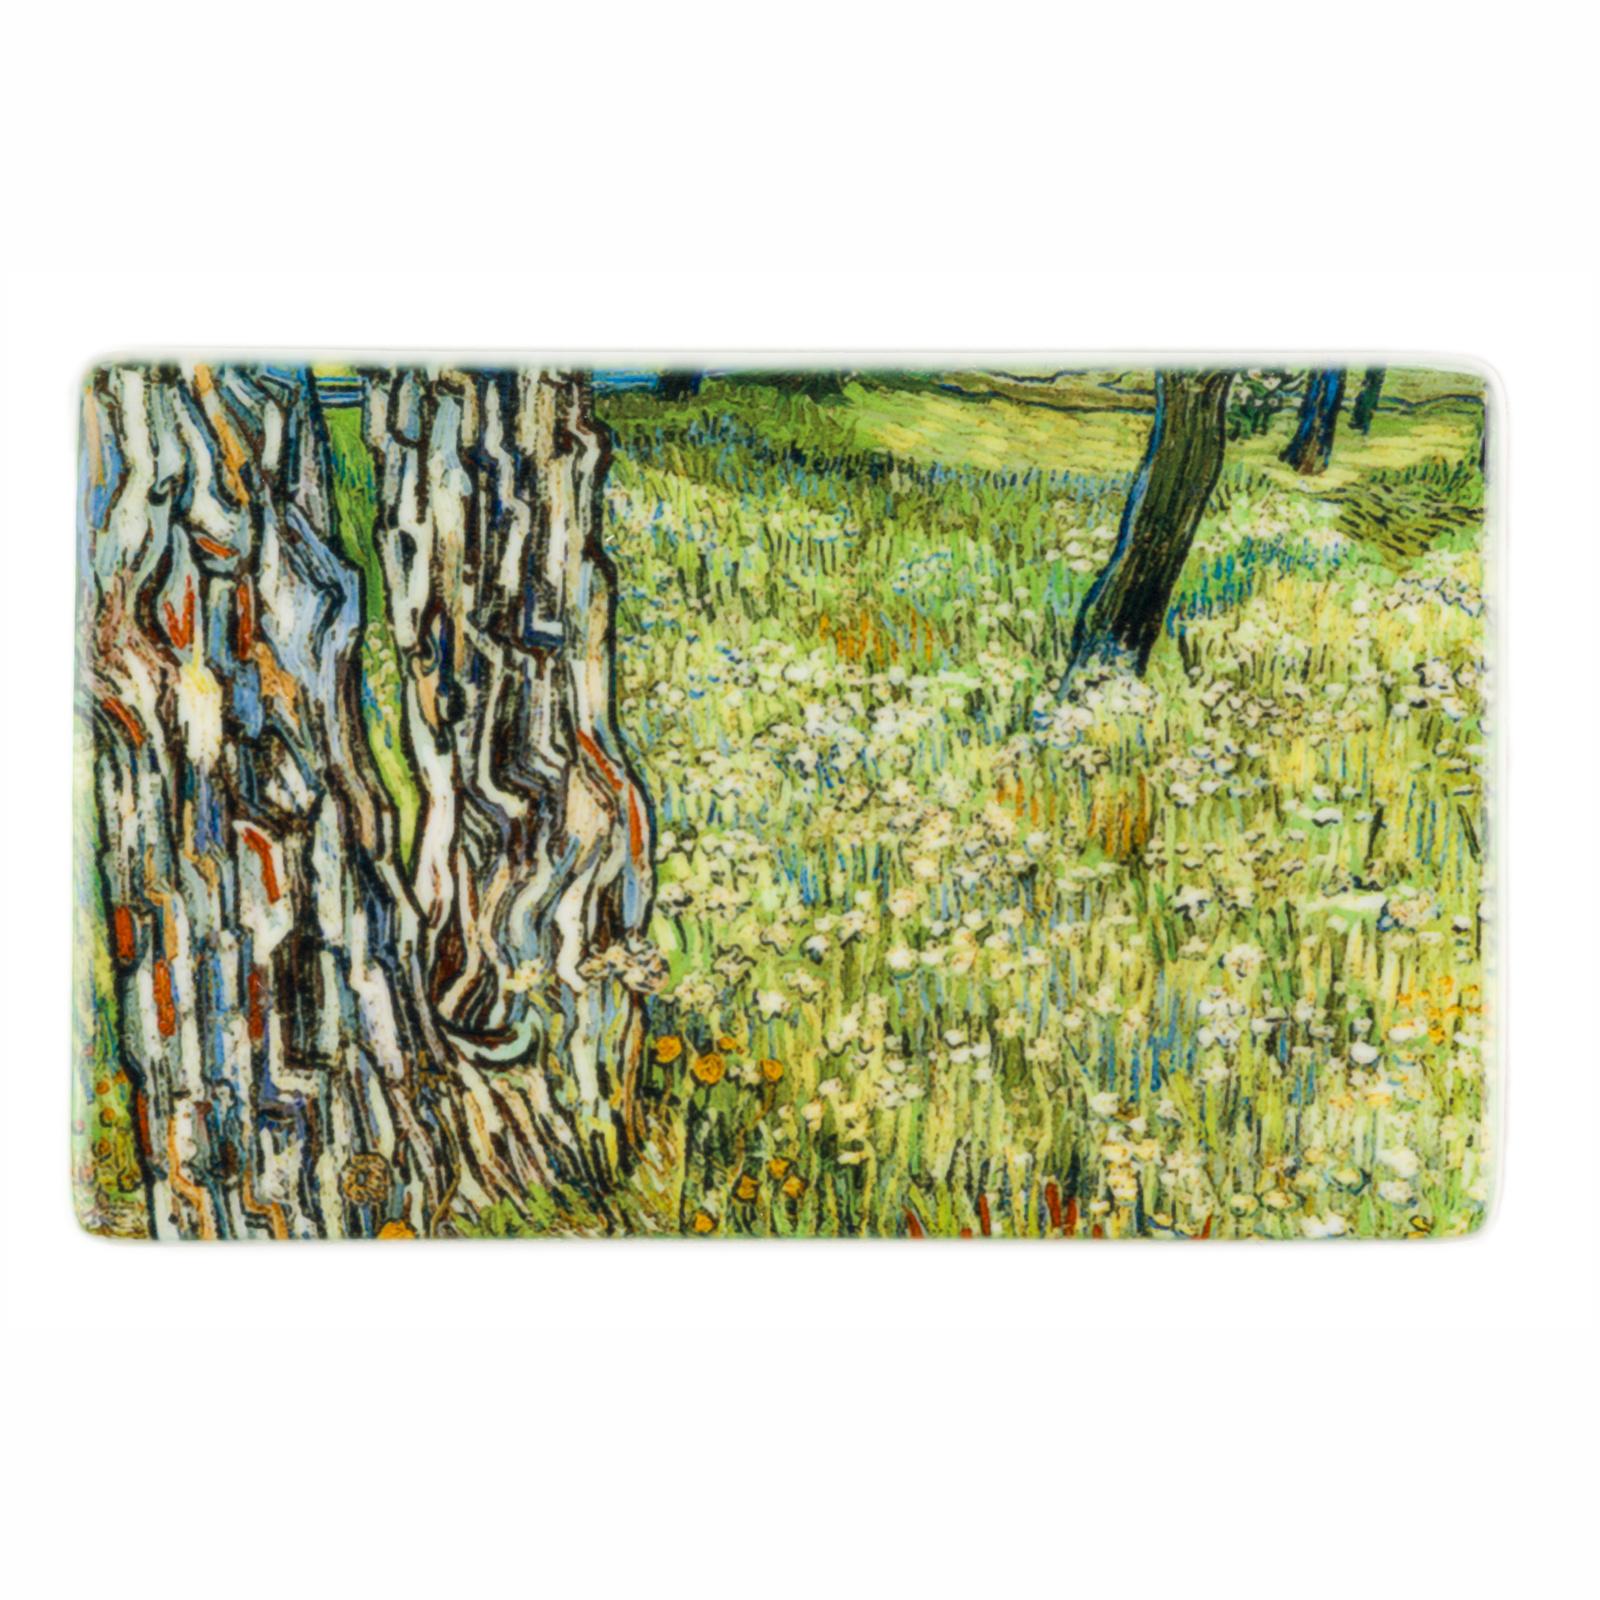 Koelkast magneet Van Gogh Boomstammen in het gras